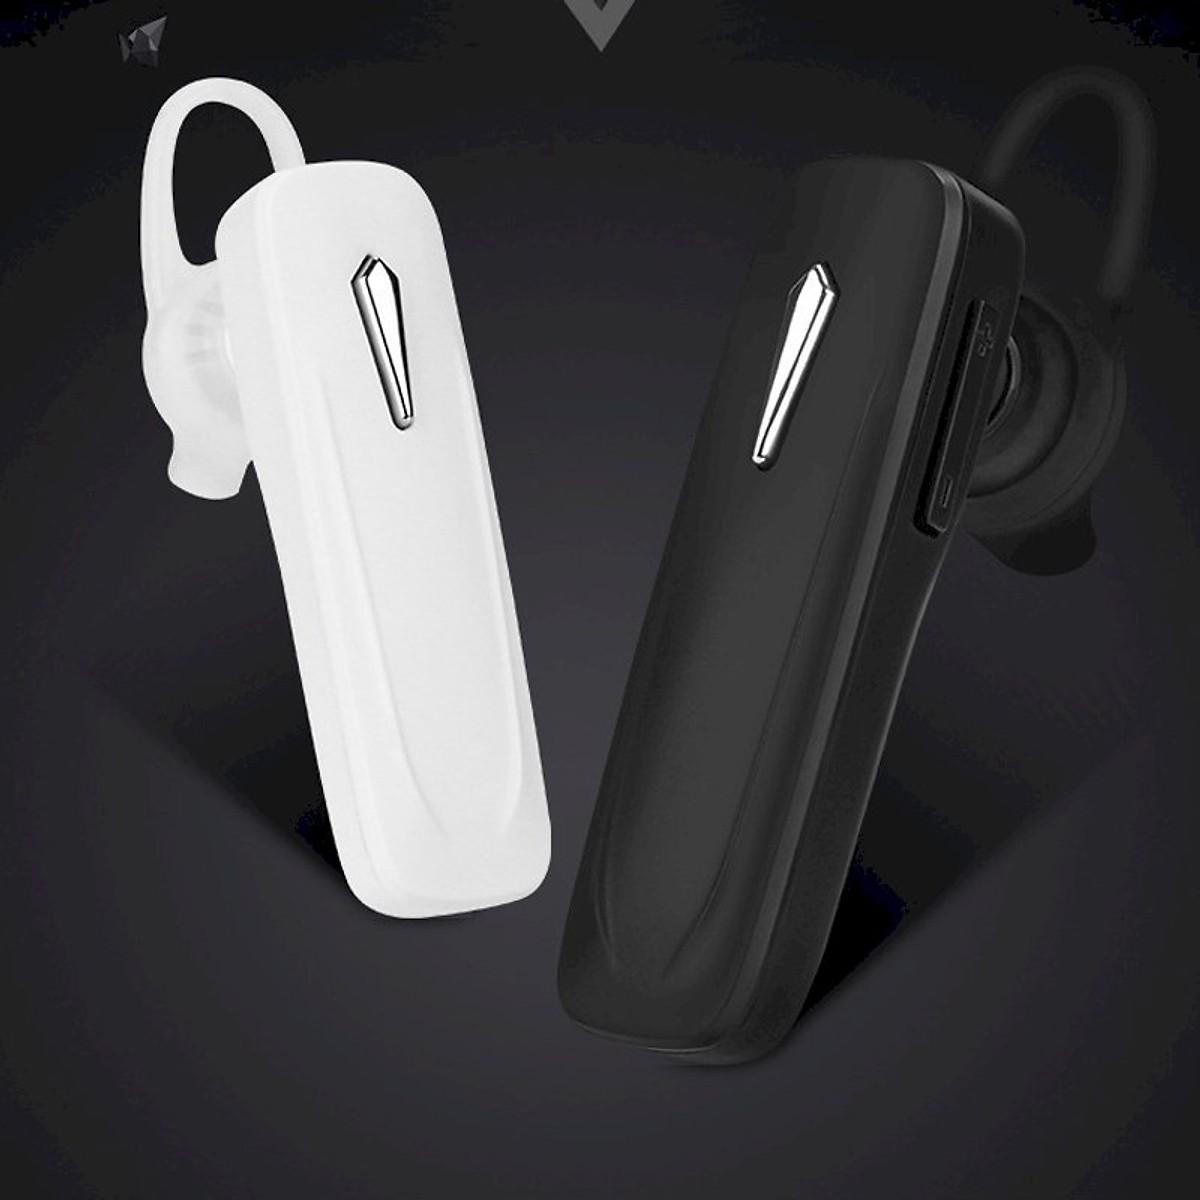 Tai nghe Bluetooth BT-01 không dây kiểu dáng thể thao + Tặng Hộp Quẹt Bật Lửa Khò Mỏ Vịt Cao Cấp (Màu Ngẫu Nhiên)